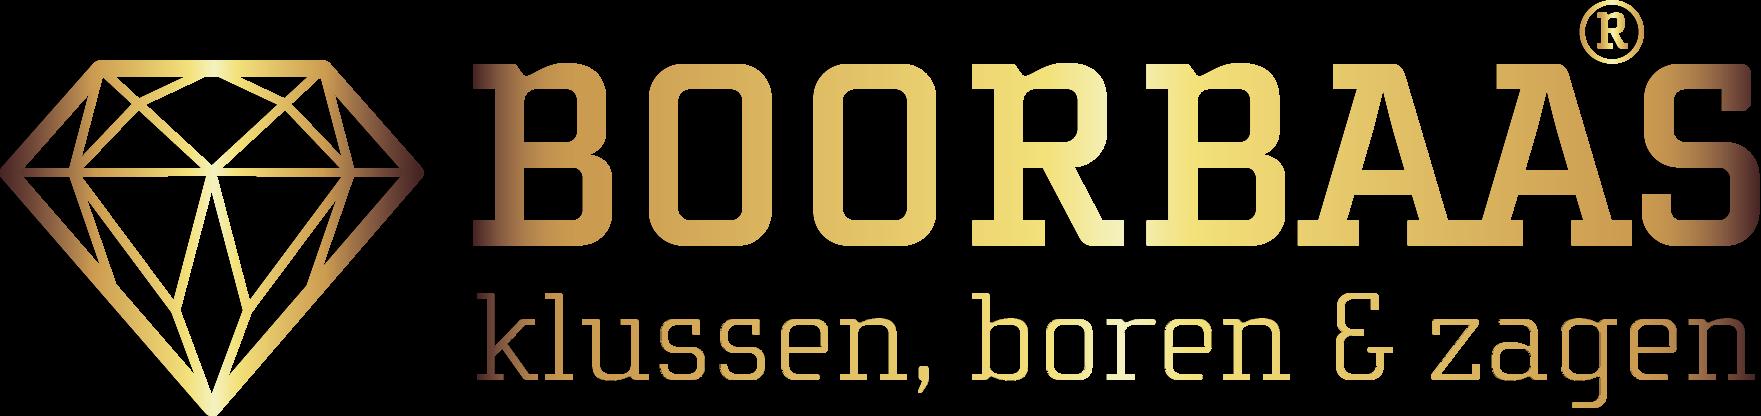 Boorbaas.nl